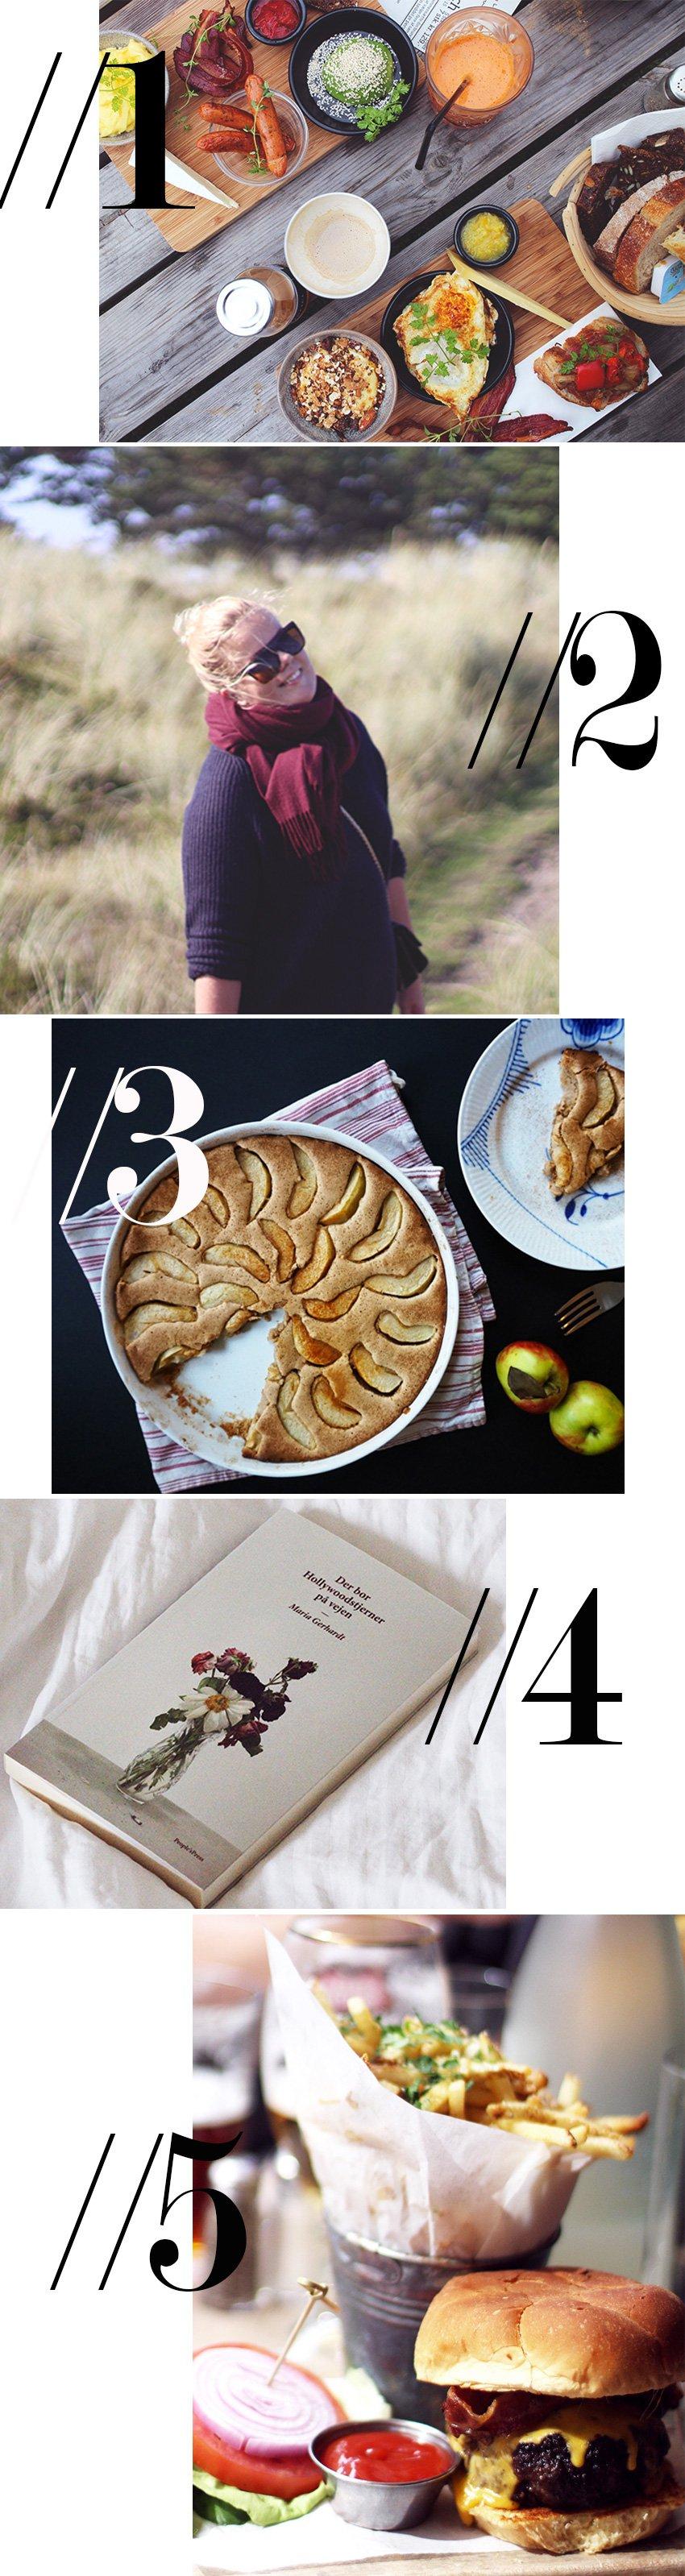 5 IDÉER <i>- til en hyggelig efterårsweekend</i>